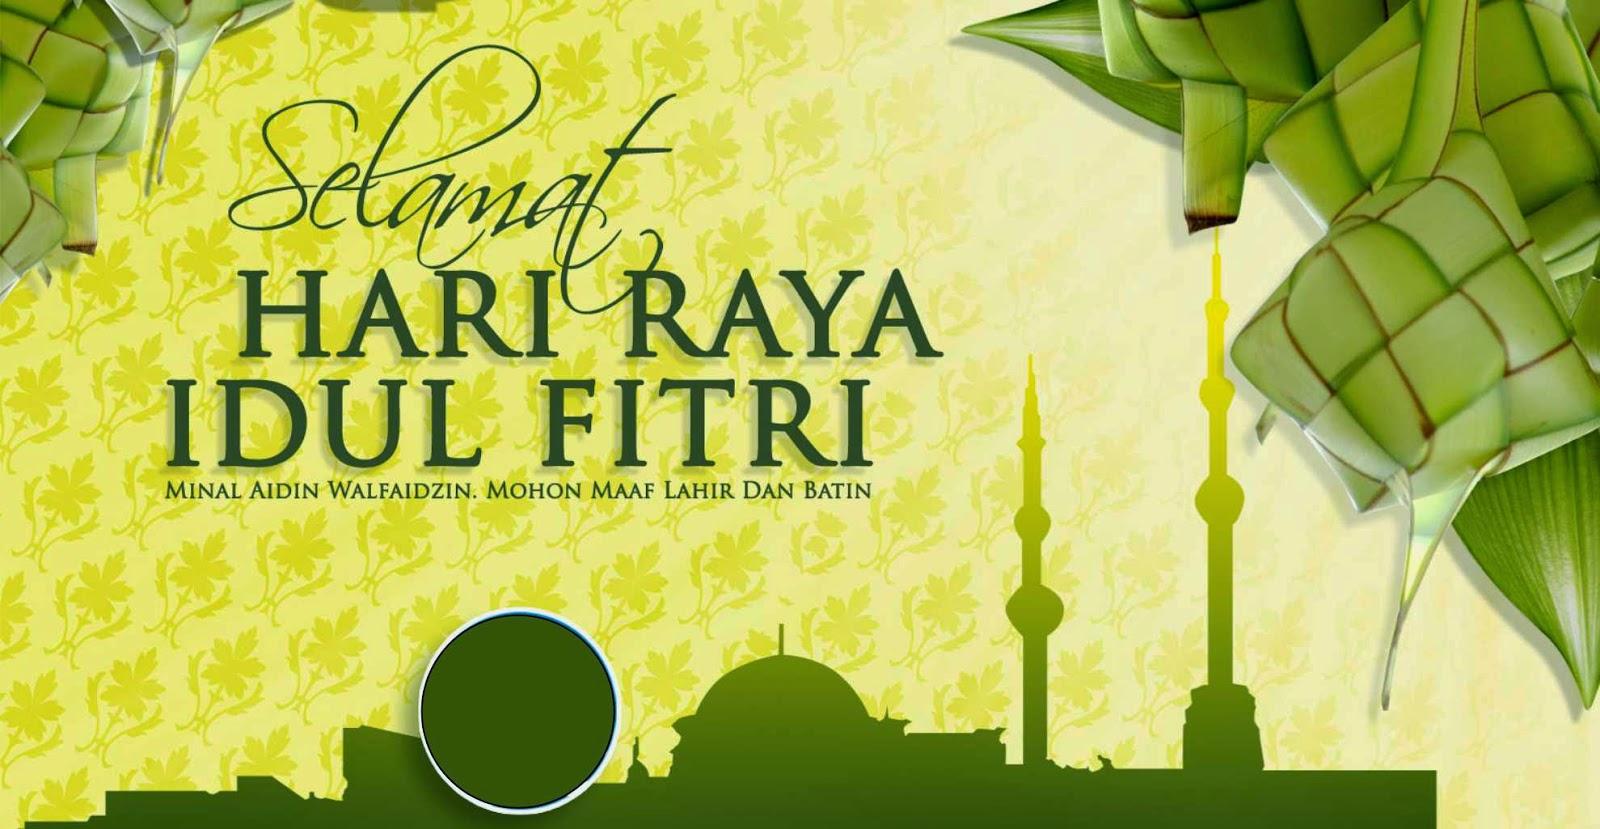 GAMBAR KARTU UCAPAN LEBARAN 2014 Gambar Selamat Idul Fitri 1435